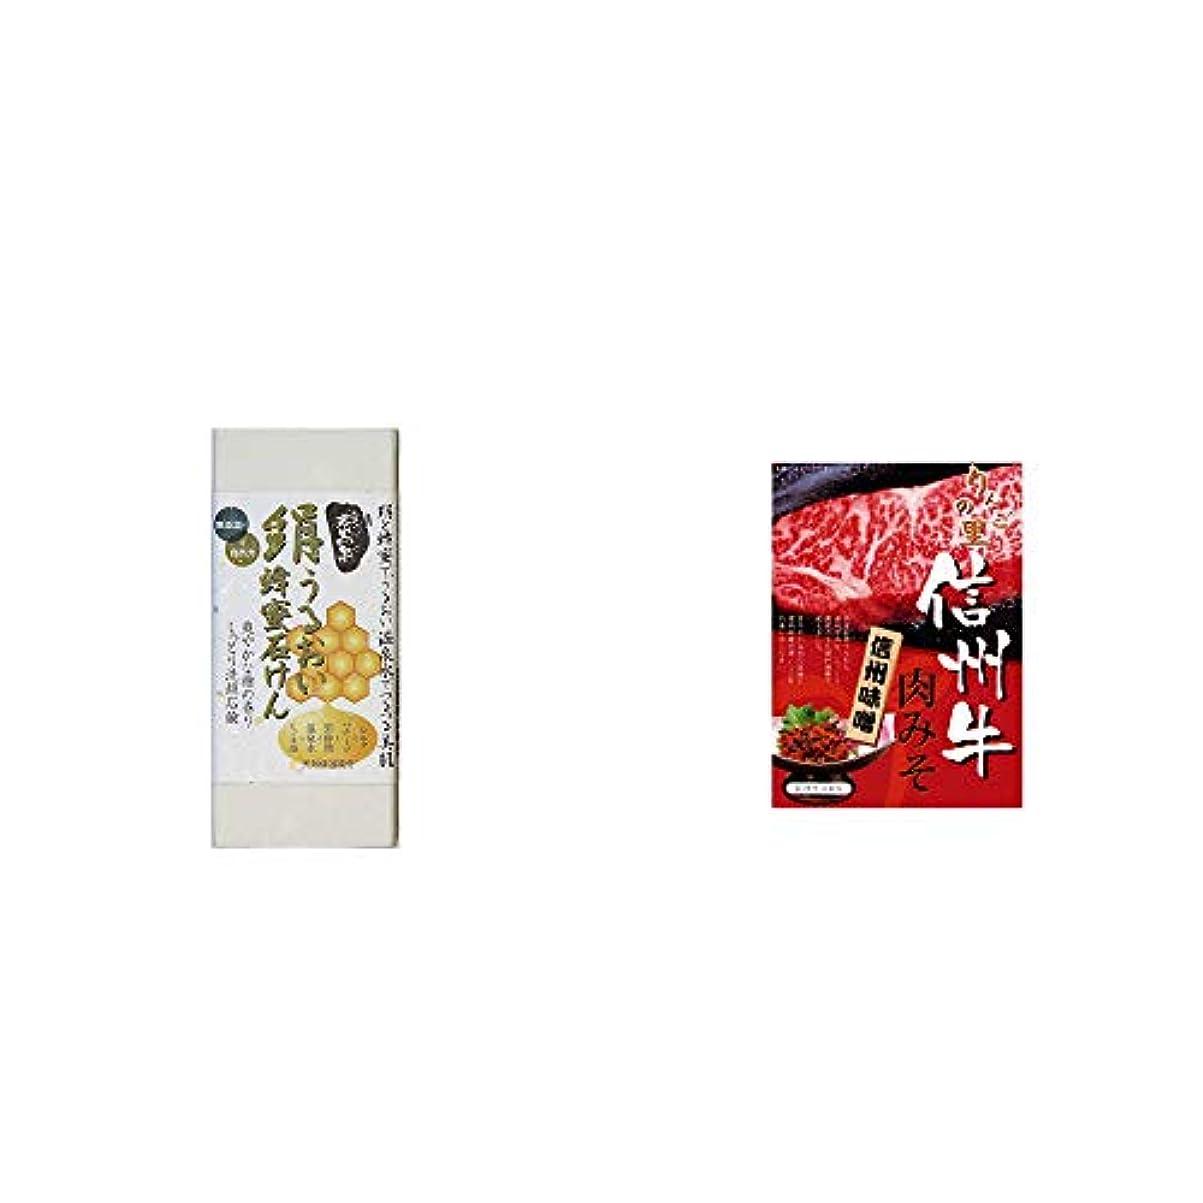 ナインへ行商未接続[2点セット] ひのき炭黒泉 絹うるおい蜂蜜石けん(75g×2)?信州牛 肉みそ(200g)